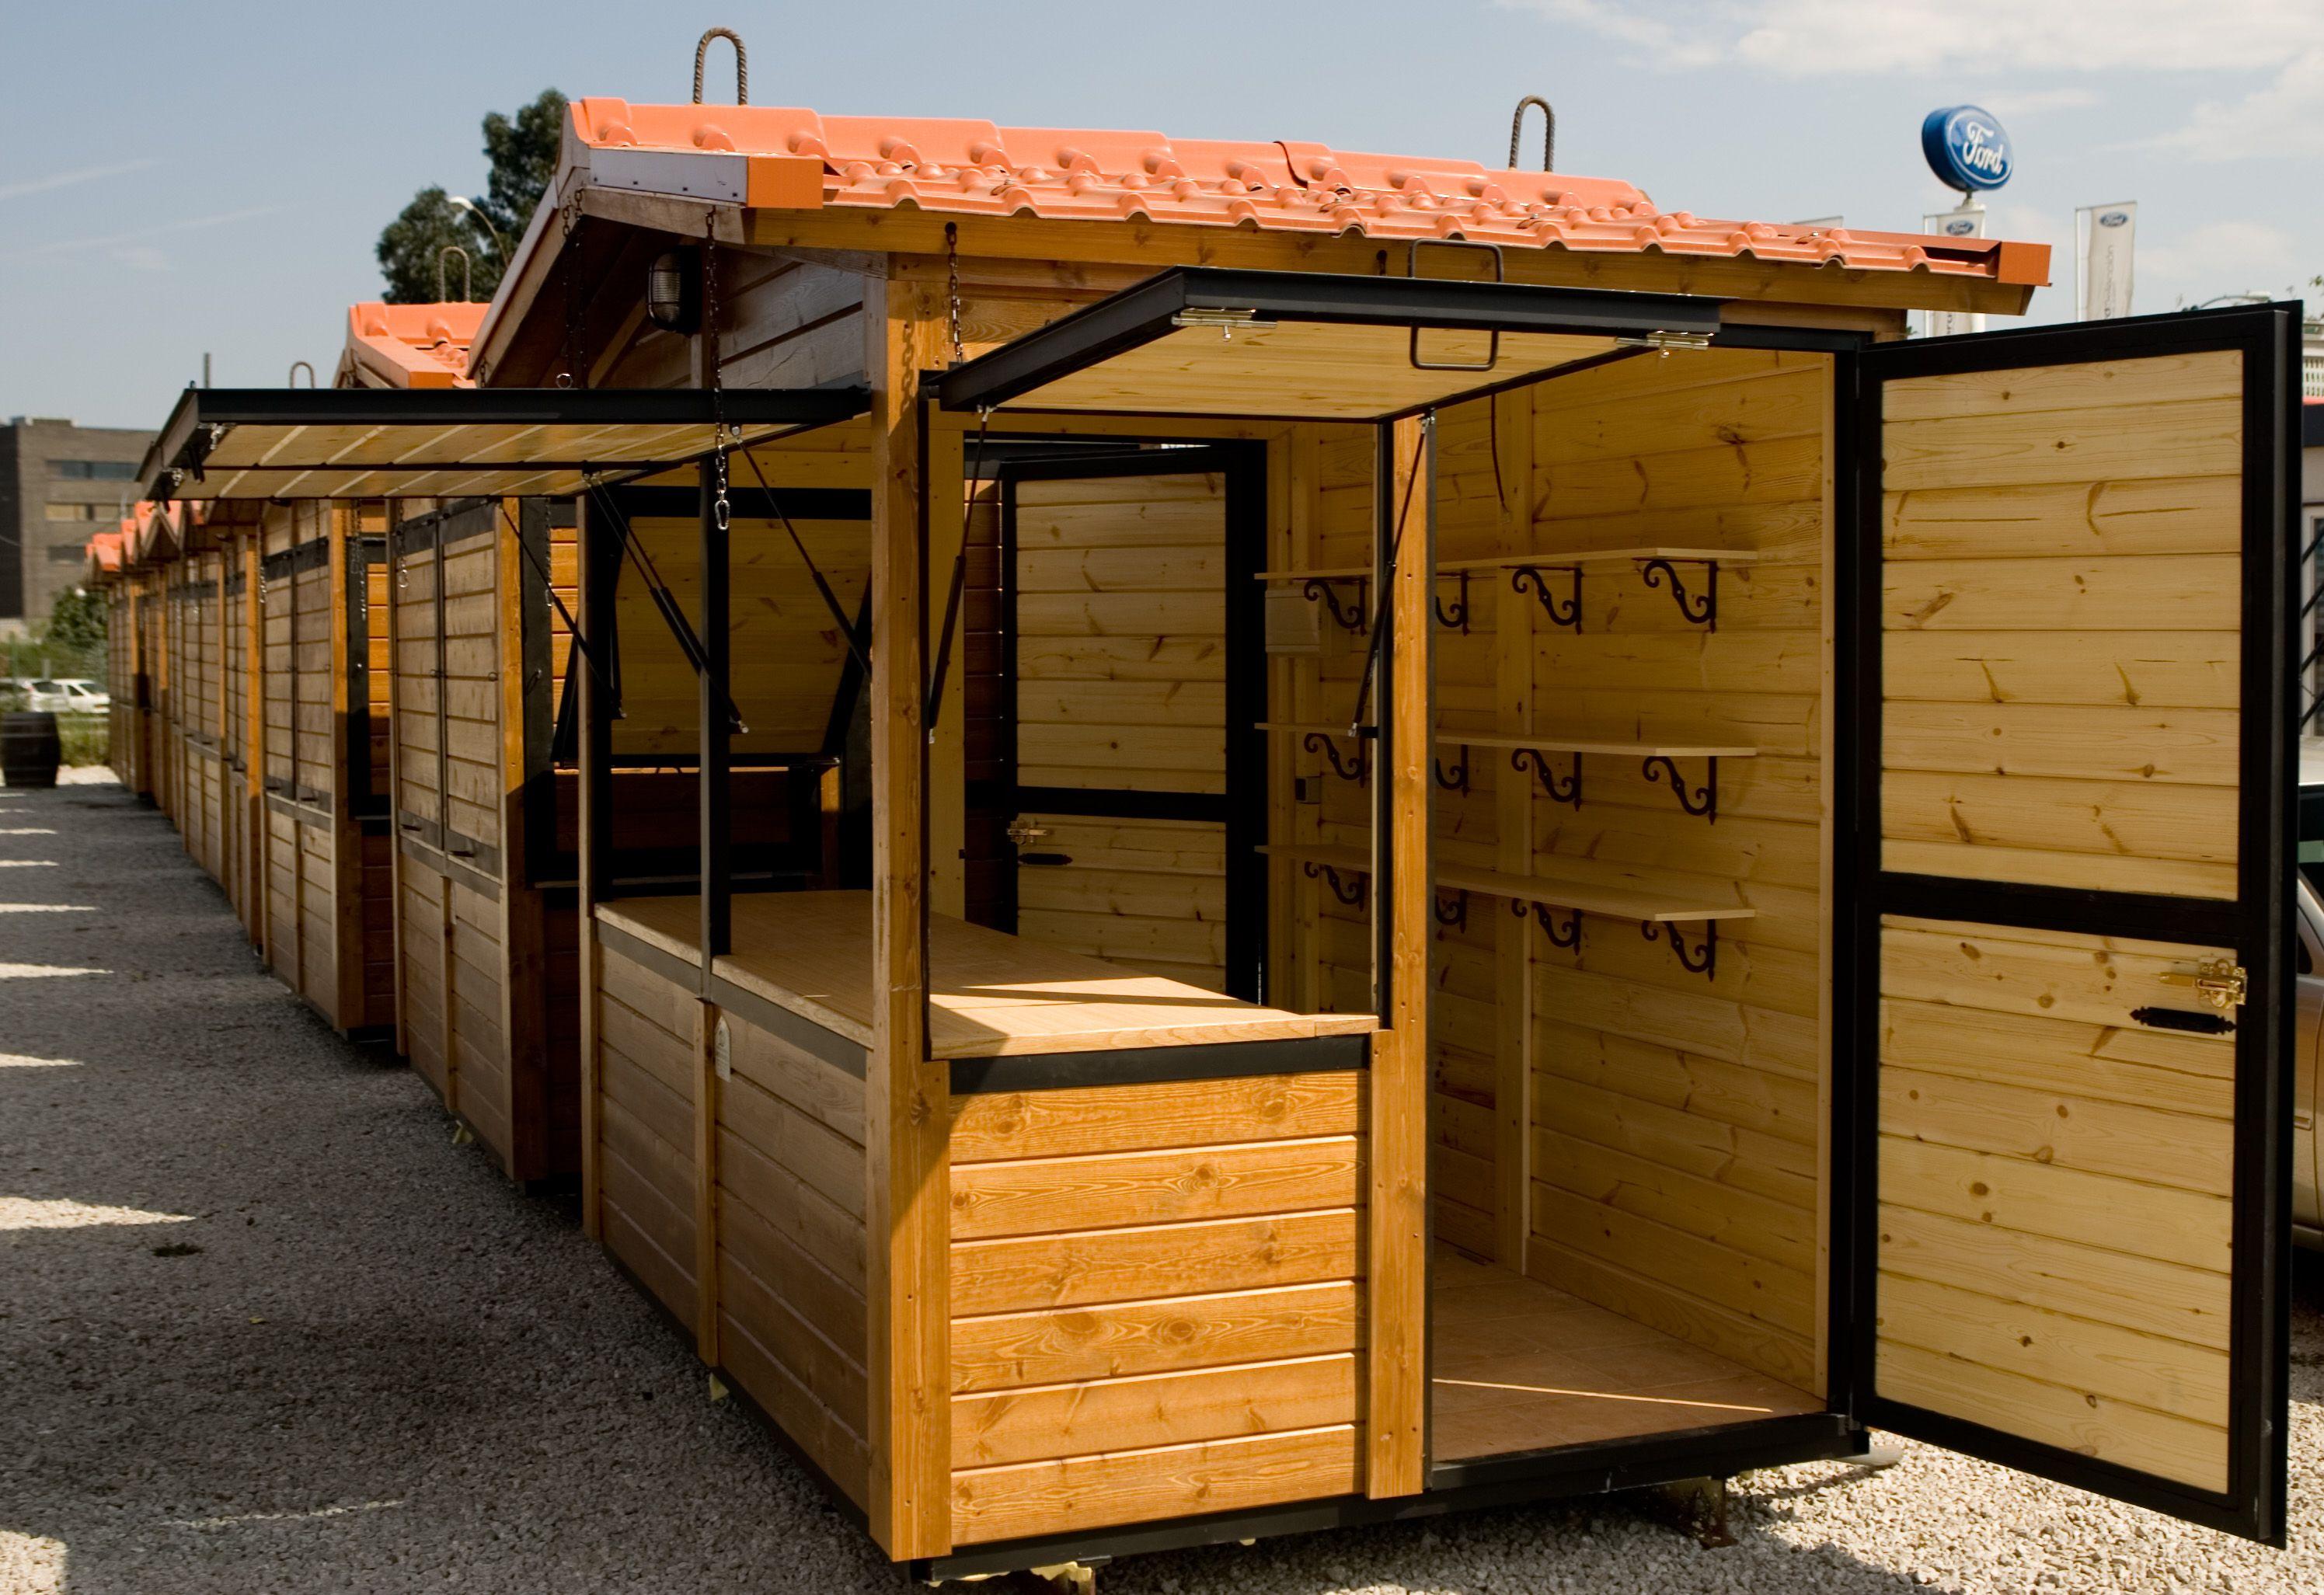 Promotora de eventos en exteriores for Diseno de kioscos en madera